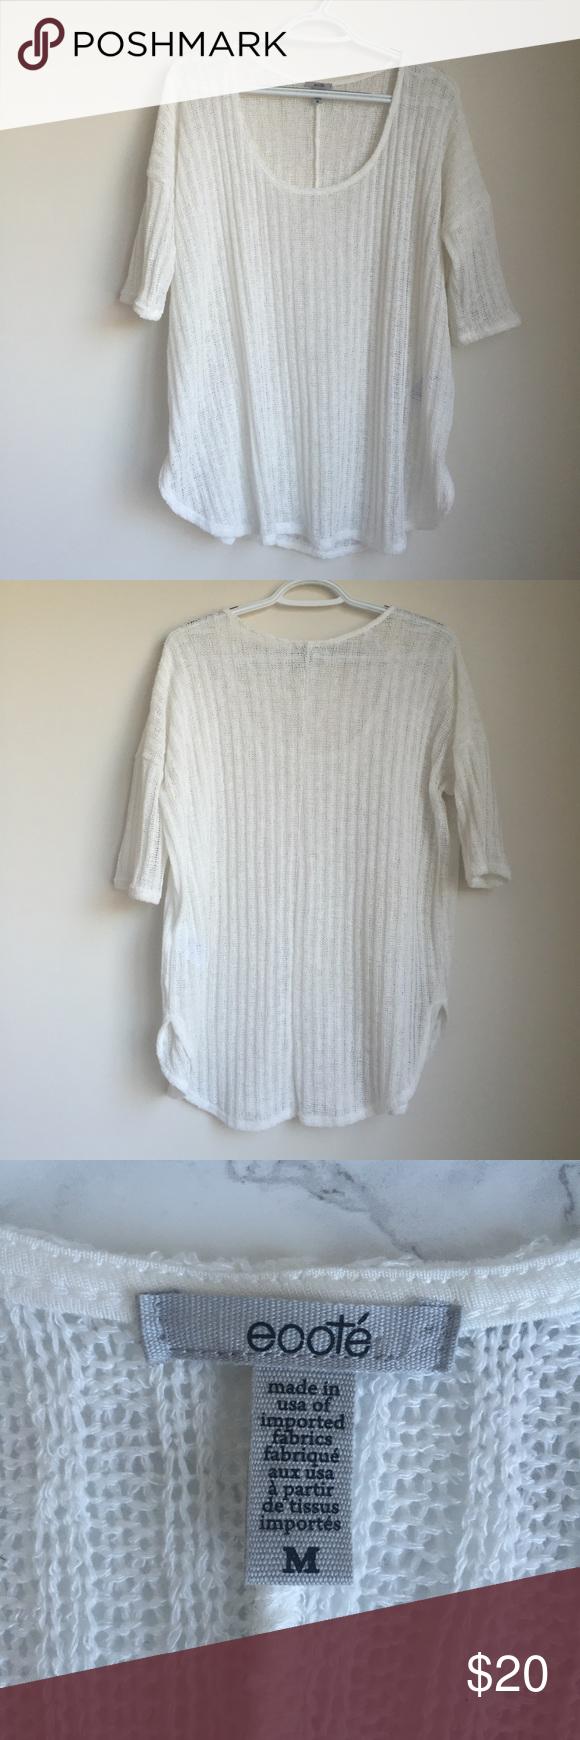 Urban Outfitters Ecoté Sweater Lightweight, short sleeve, Urban Outfitters sweater. Only worn twice. EUC. Urban Outfitters Sweaters